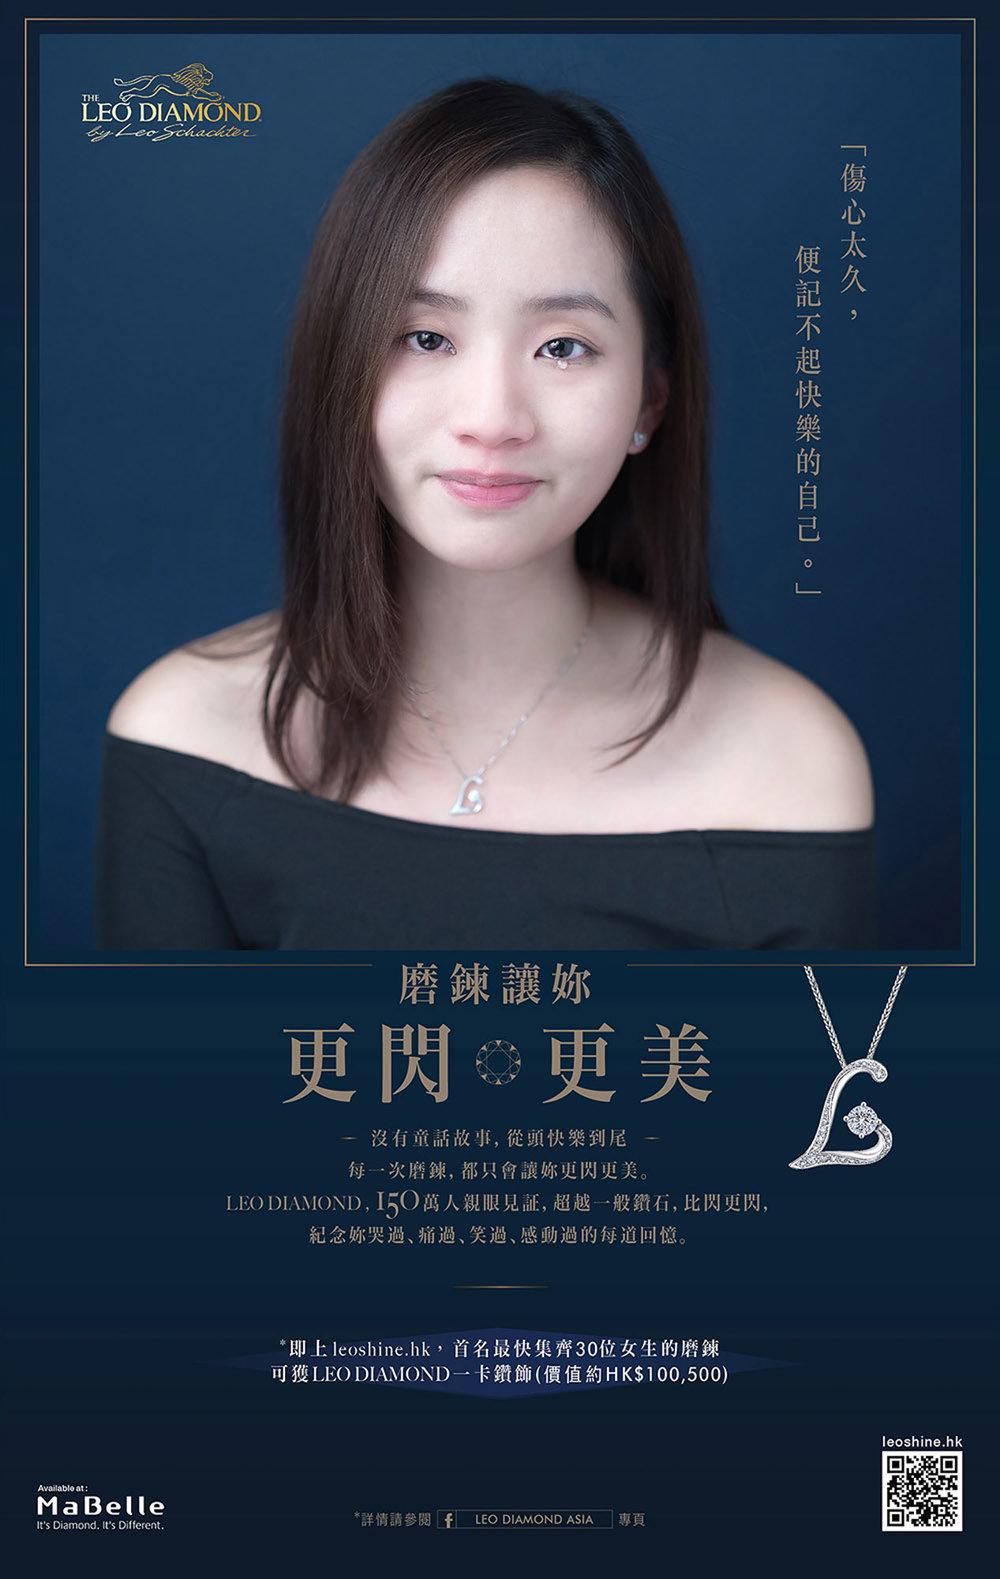 Rachel leung-01.jpg